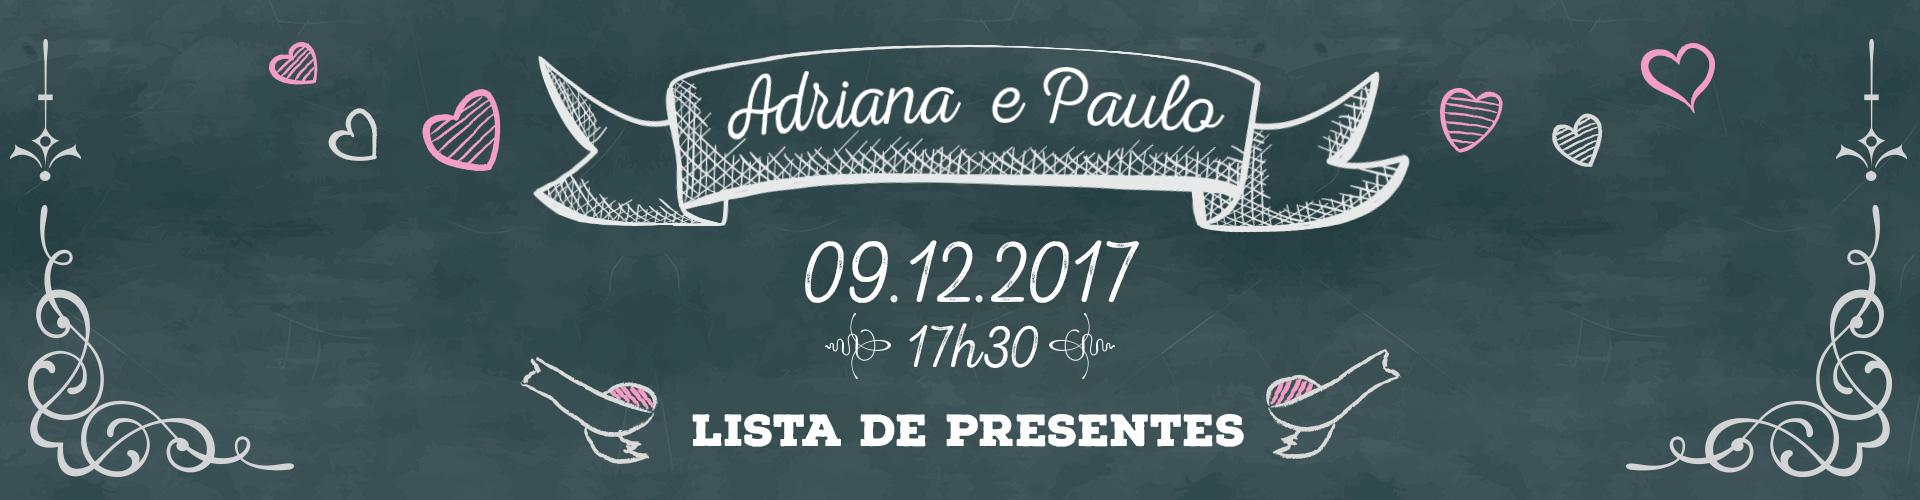 Adriana e Paulo